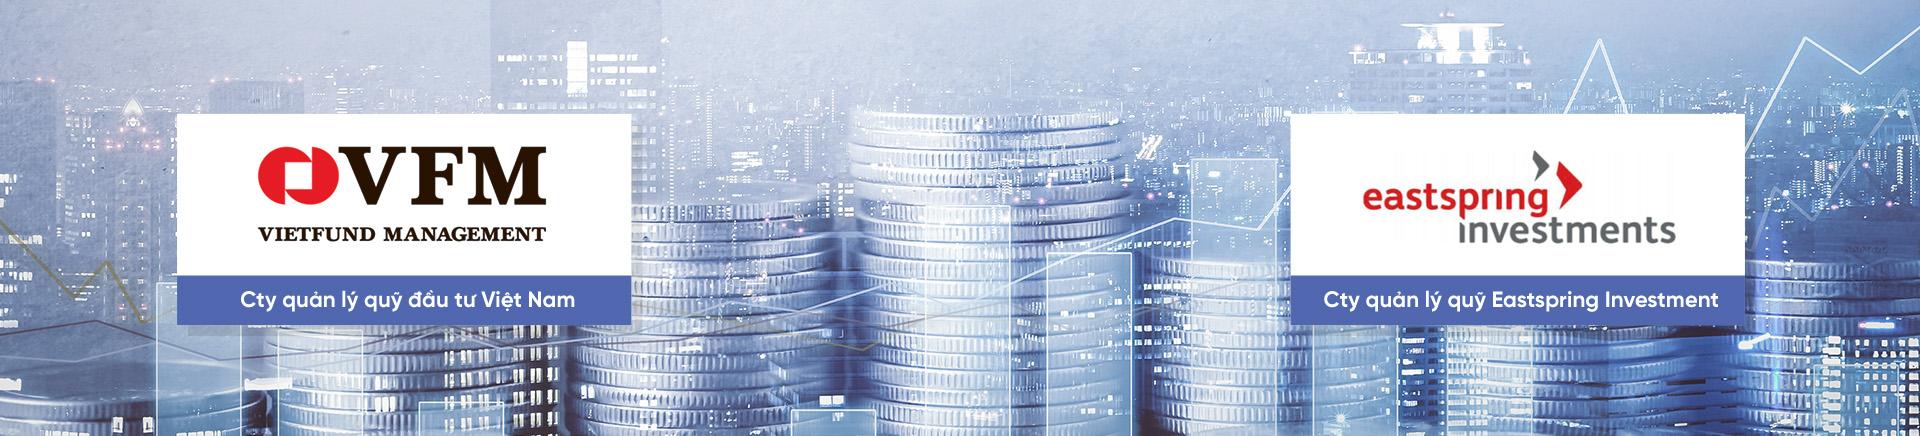 Công ty cổ phần quản lý quỹ đầu tư Việt nam (VFM)